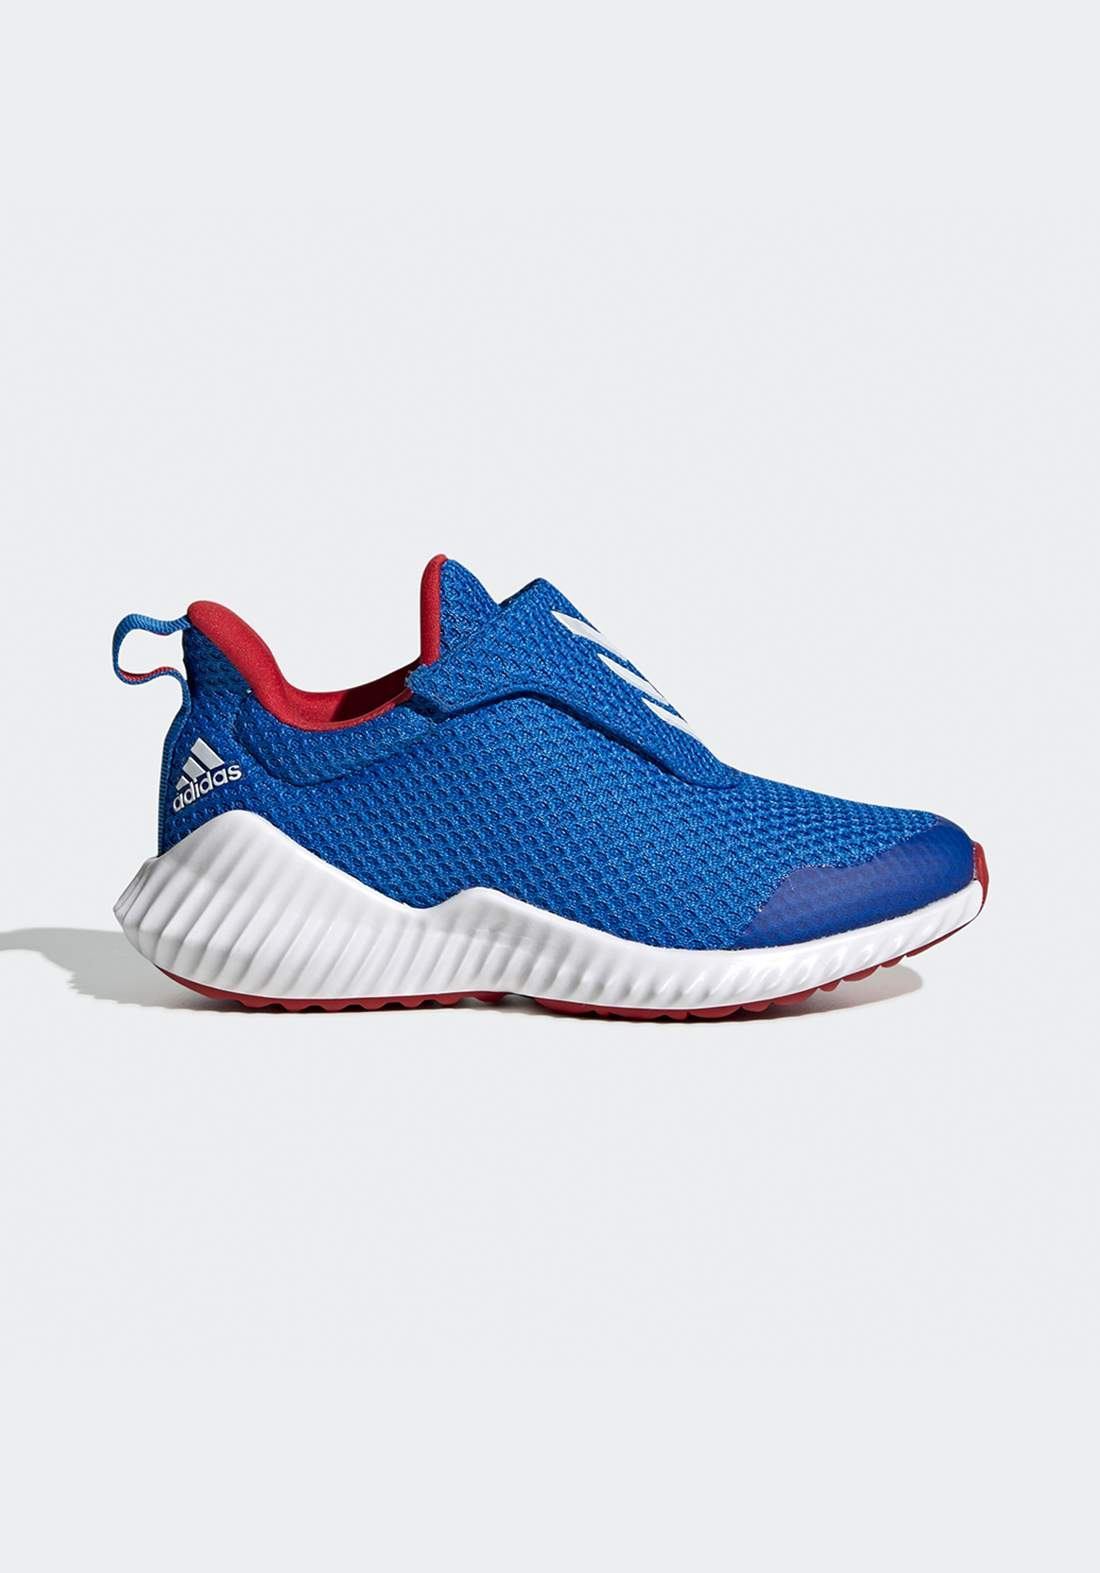 حذاء رياضي نسائي ازرق و ابيض اللون من أديداس